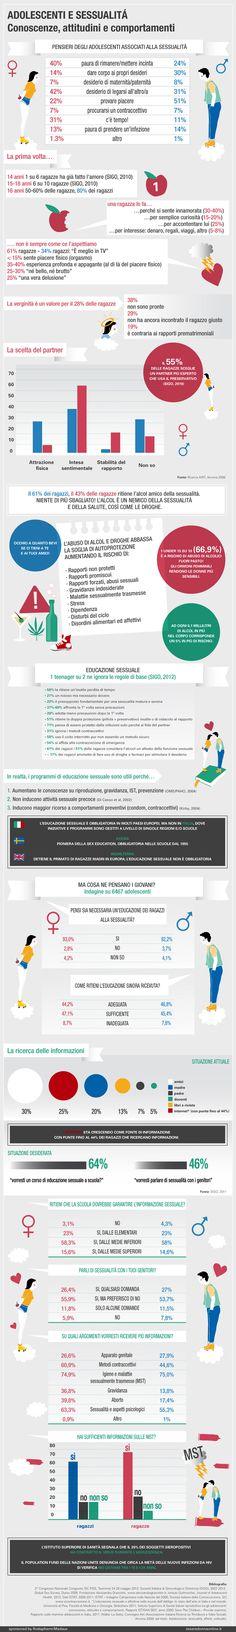 Adolescenti e sessualità: conoscenze, attitudini e comportamenti - Esseredonnaonline (grafica Silvia Gherra)